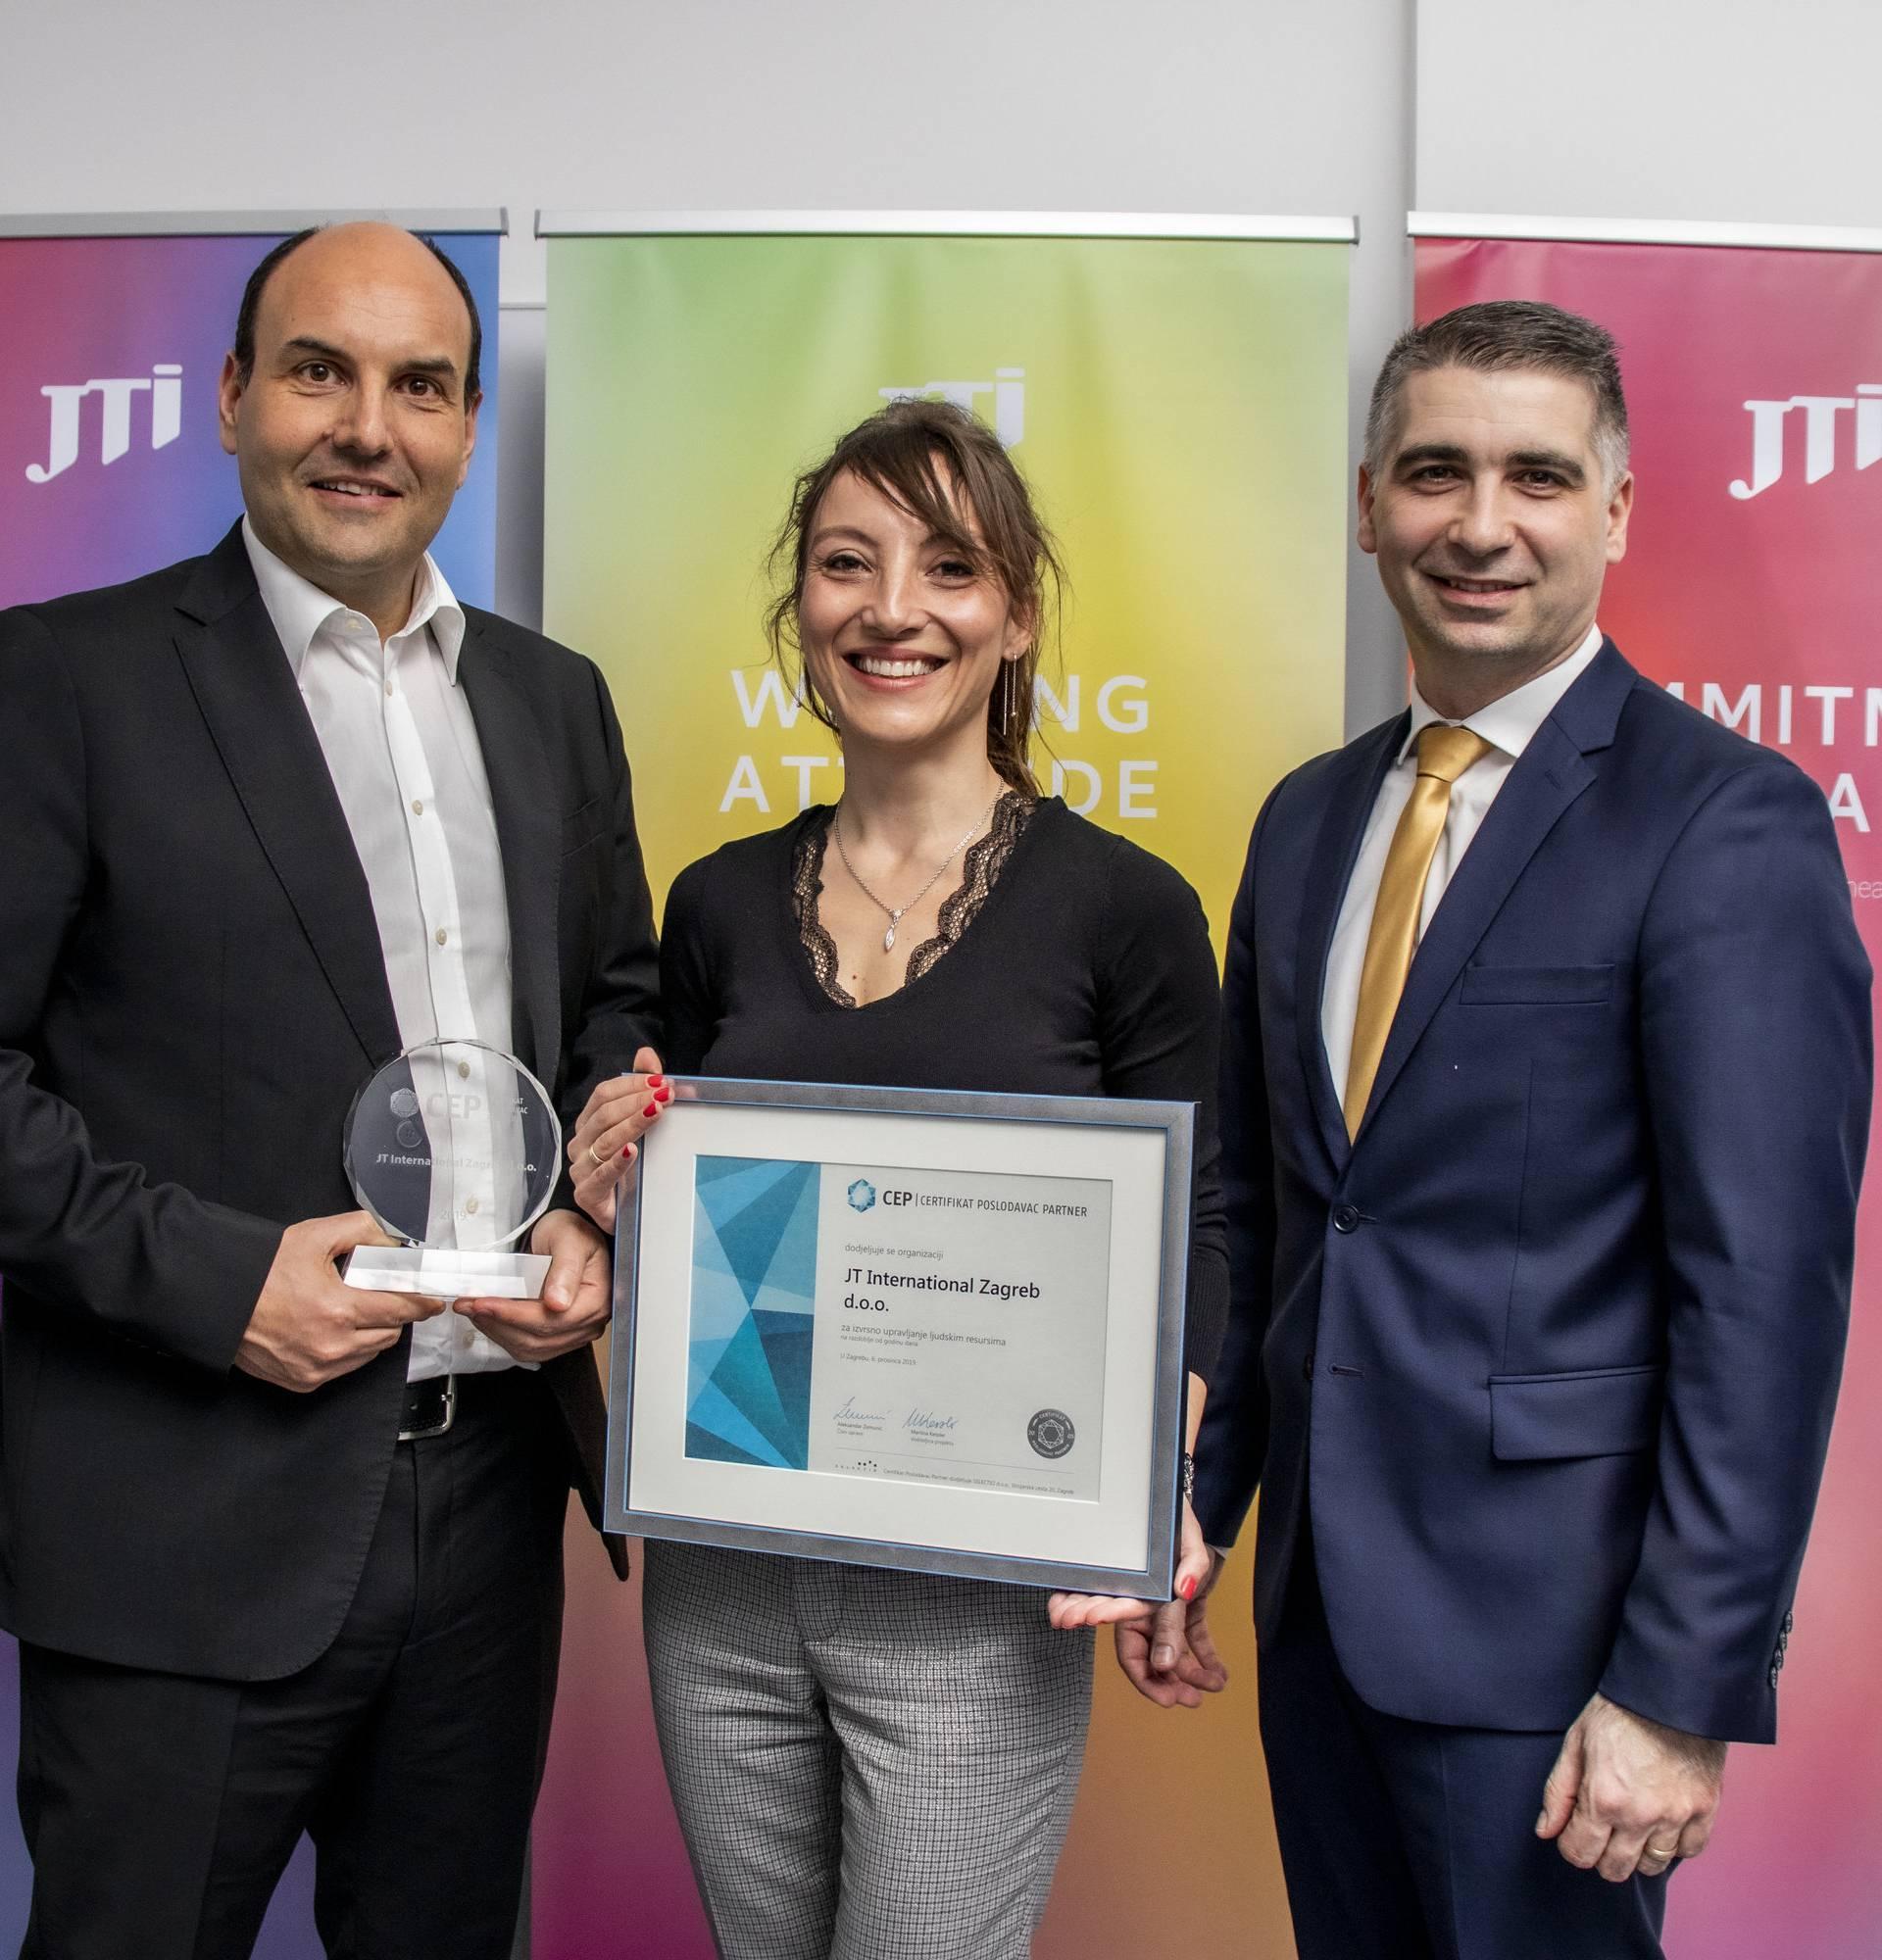 Certifikat Poslodavac Partner dodijeljen tvrtki JTI